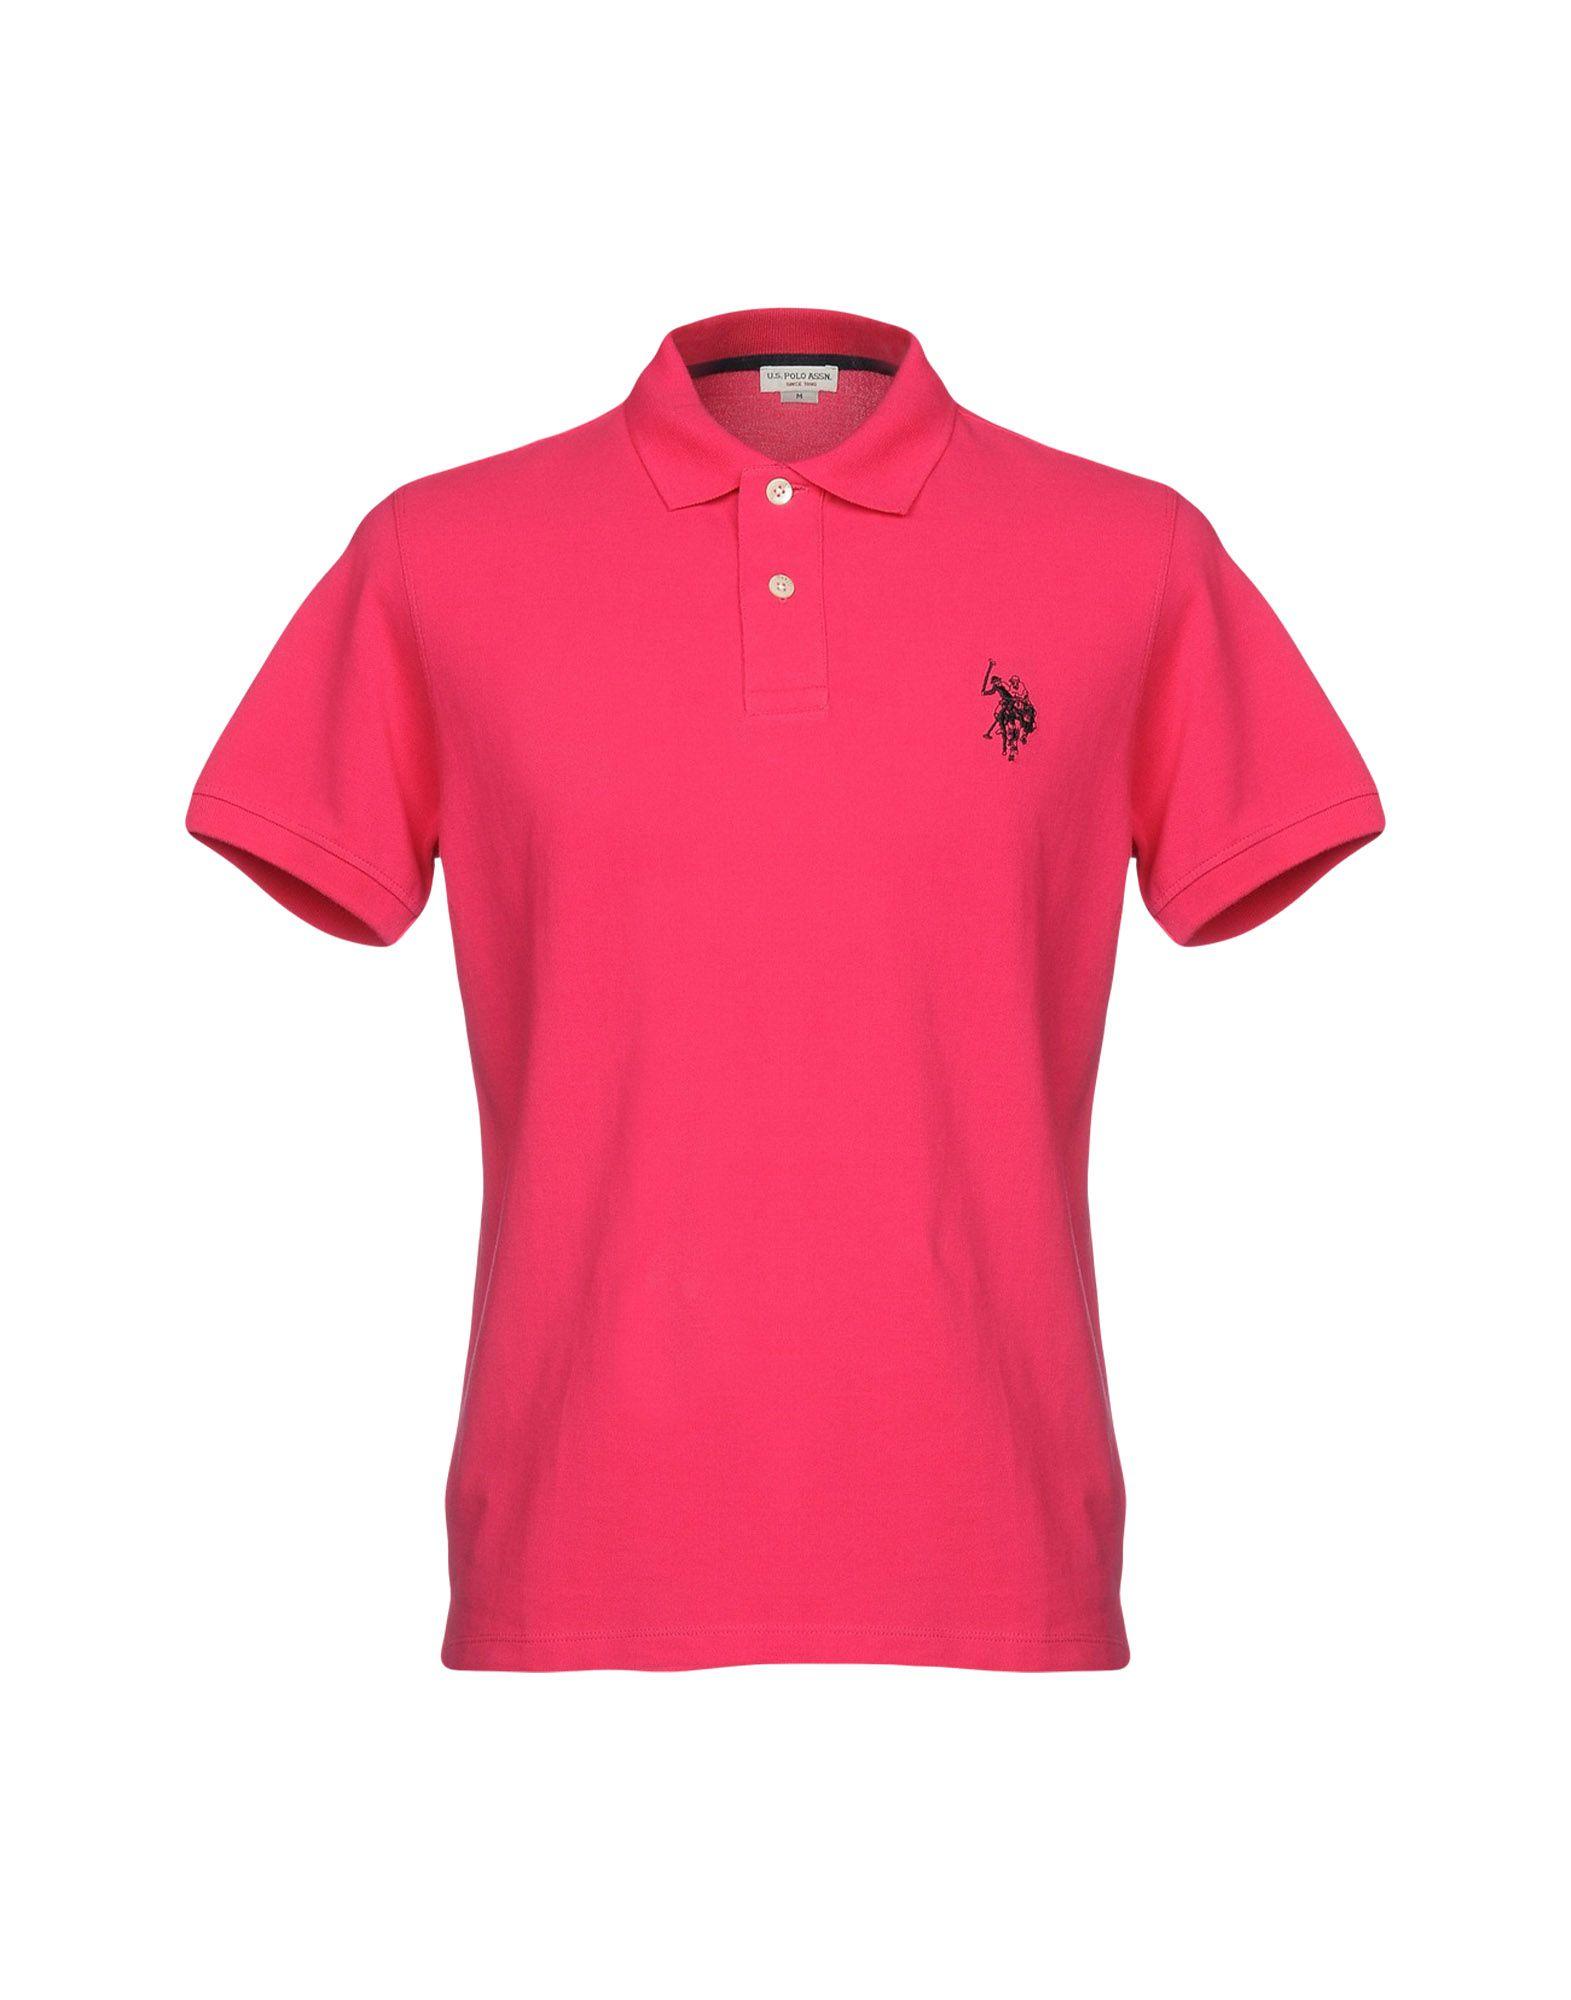 《送料無料》U.S.POLO ASSN. メンズ ポロシャツ フューシャ S コットン 100%